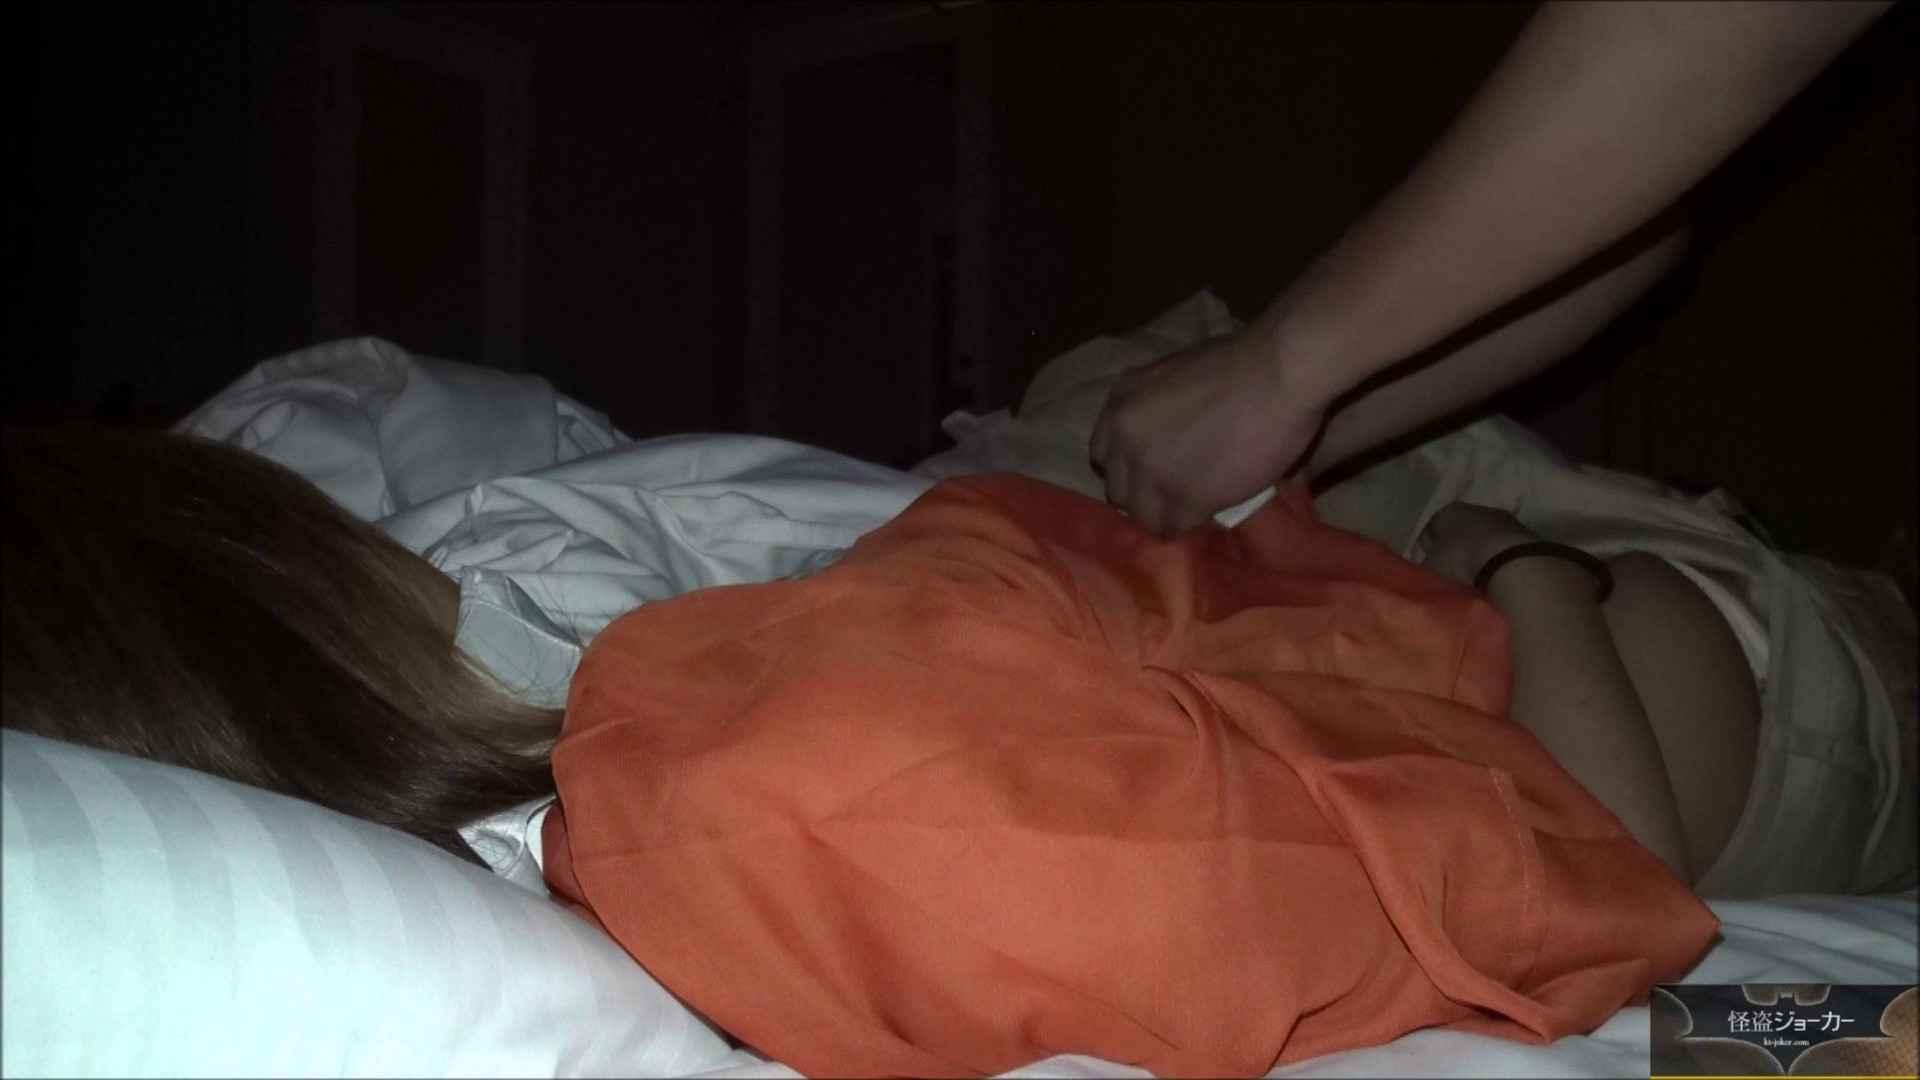 【未公開】vol.69{BLENDA系美女&黒ギャル}UA・Mちゃん2人とホテル エロいグループ オメコ動画キャプチャ 85枚 54